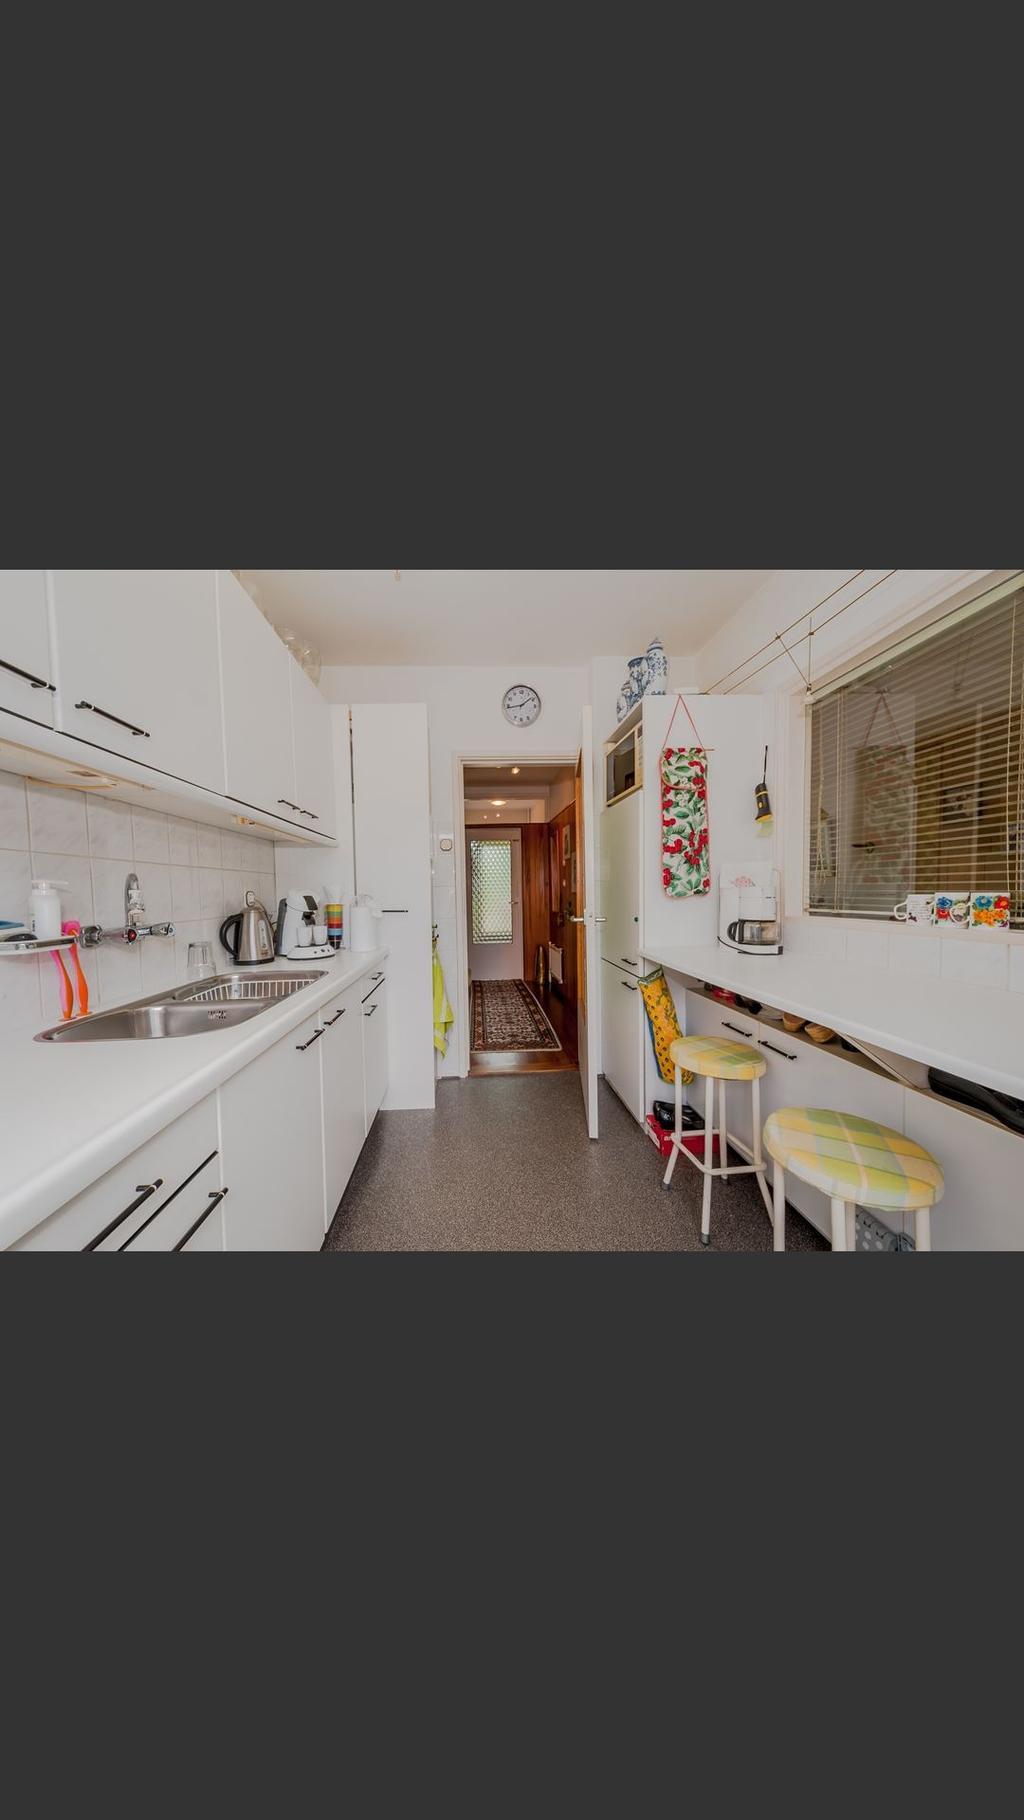 deze-keuken-en-het-huis-waar-deze-keuken-in-staat-hebben-we-net-gekocht-en-over-een-maand-krijgen-we-de-sleutel